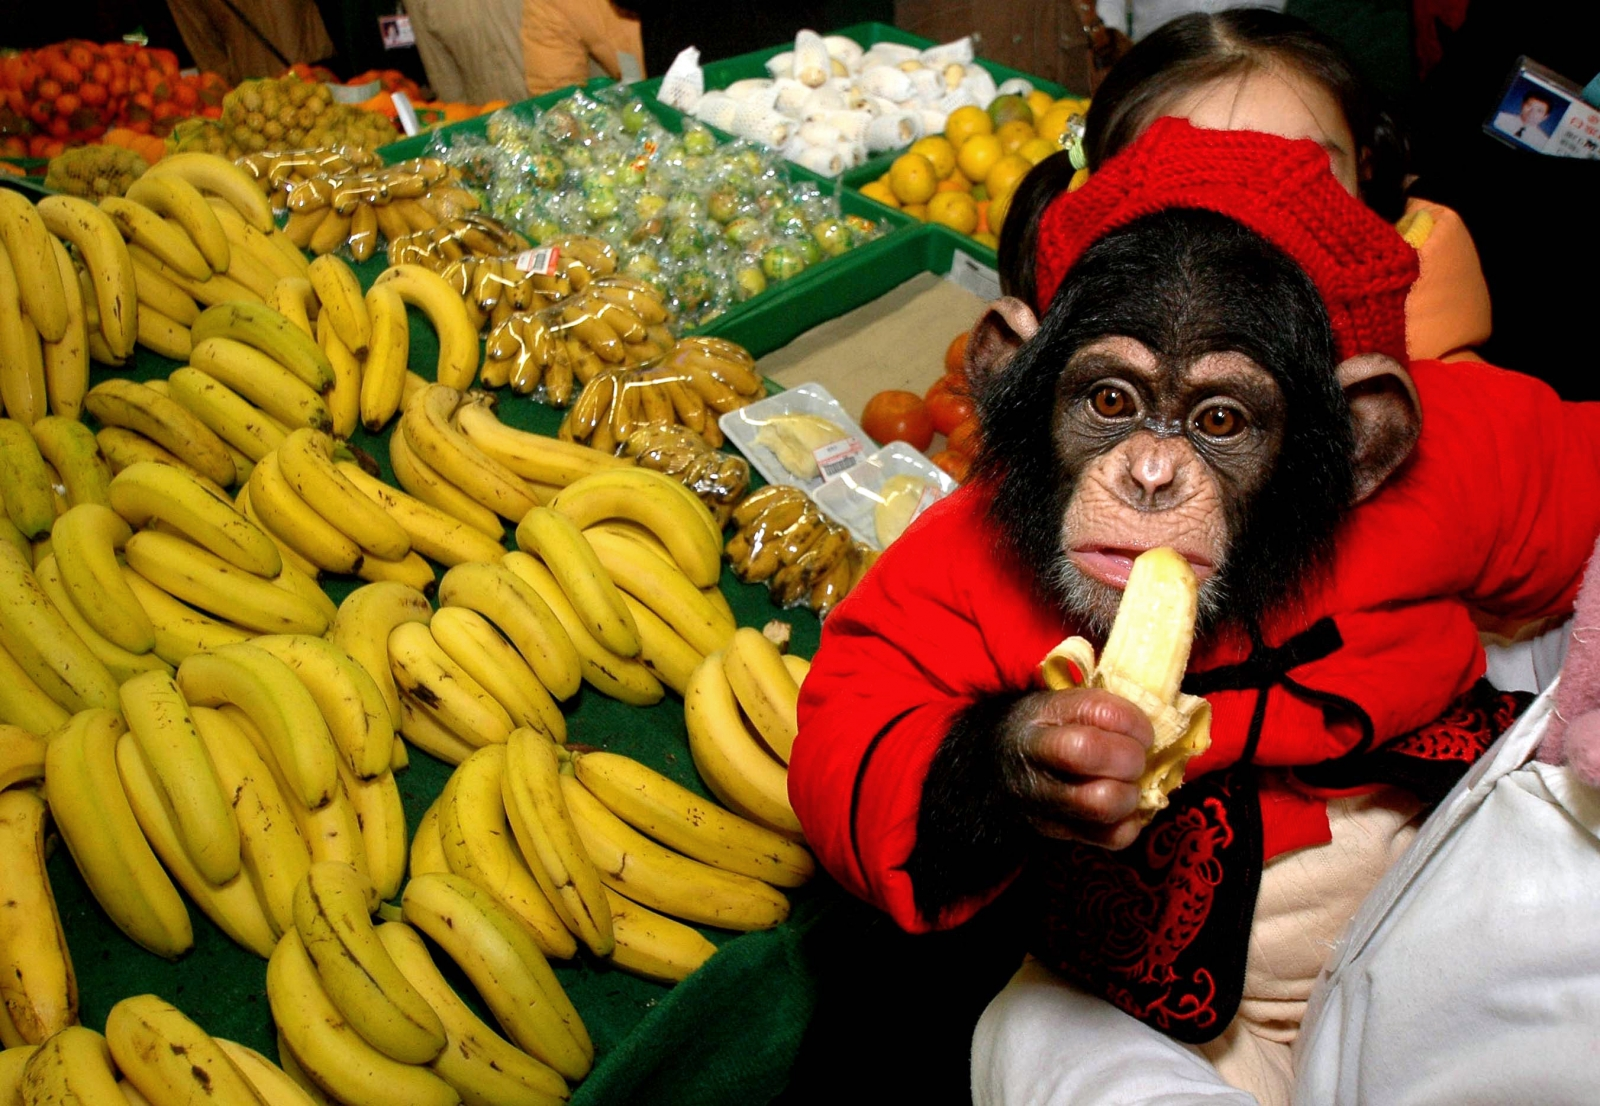 performing chimpanzee